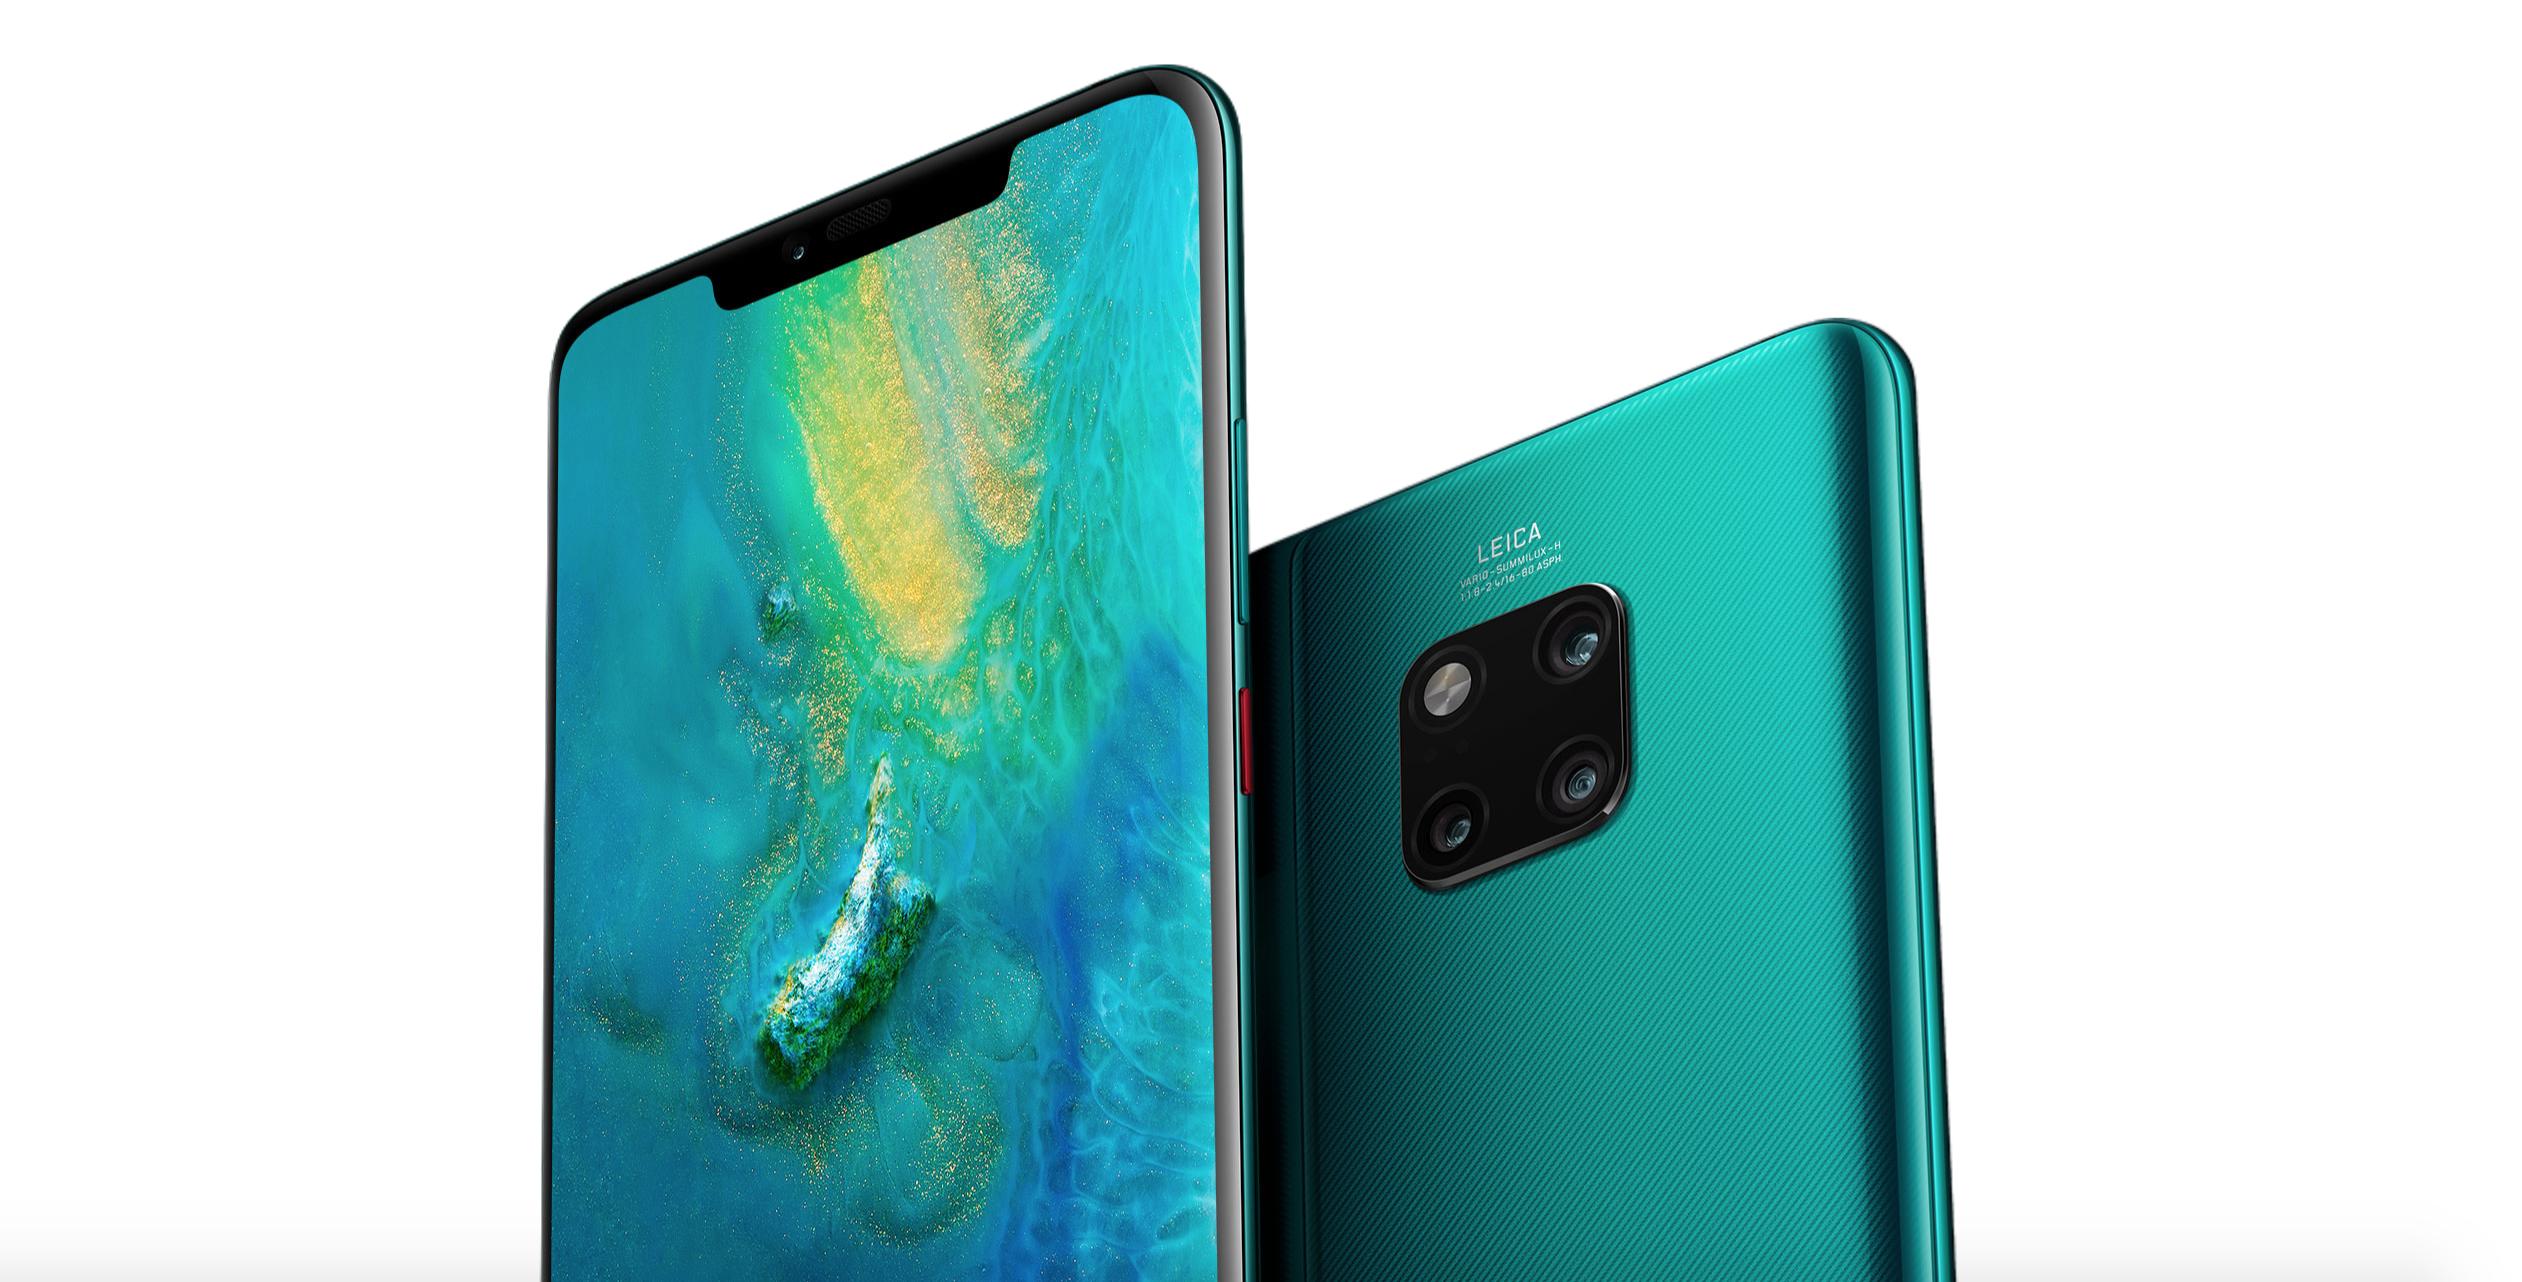 شائعات Huawei Mate 30 و Mate 30 Pro: تاريخ إصدار سبتمبر ، بالإضافة إلى المواصفات والأسعار 1